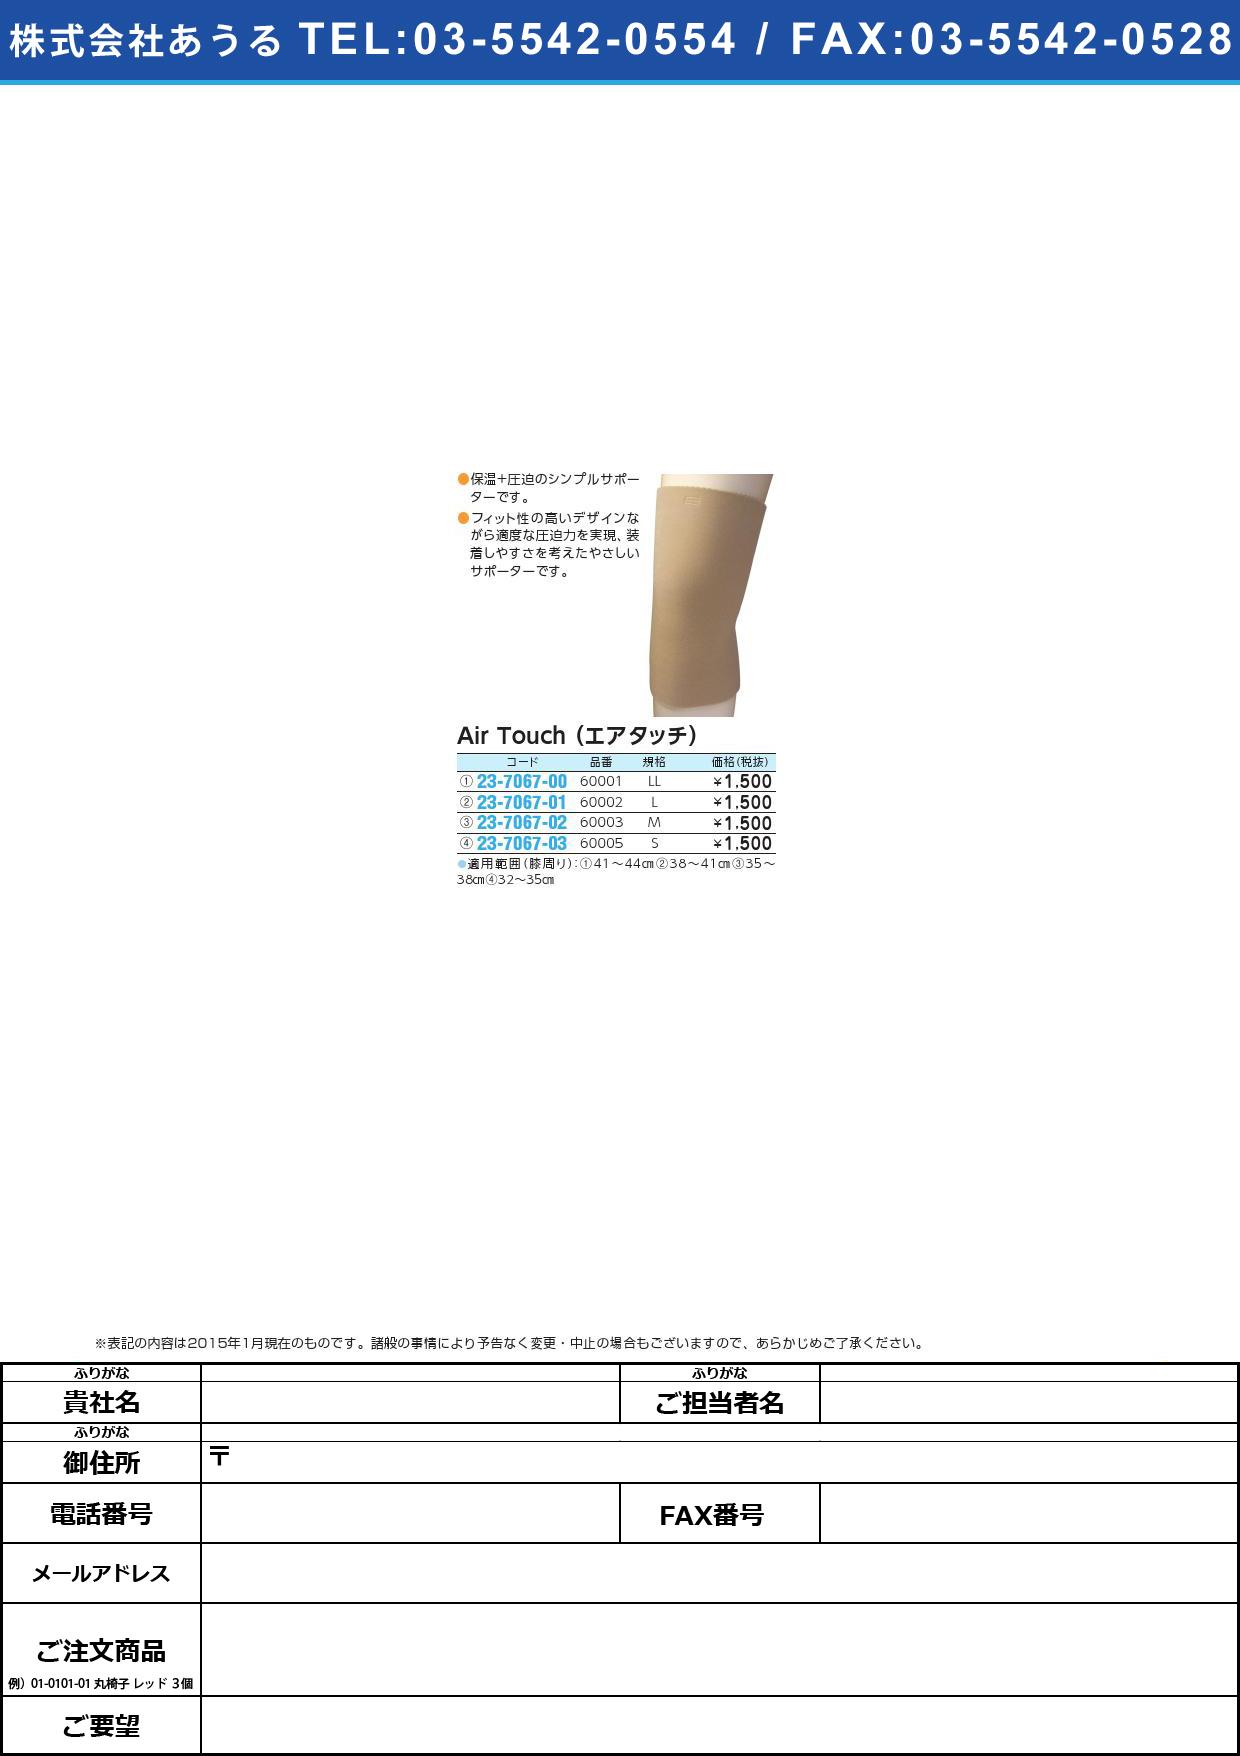 快圧サポーター エアタッチ カイアツサポーターエアタッチ(23-7067-03)60005(S)【1枚単位】